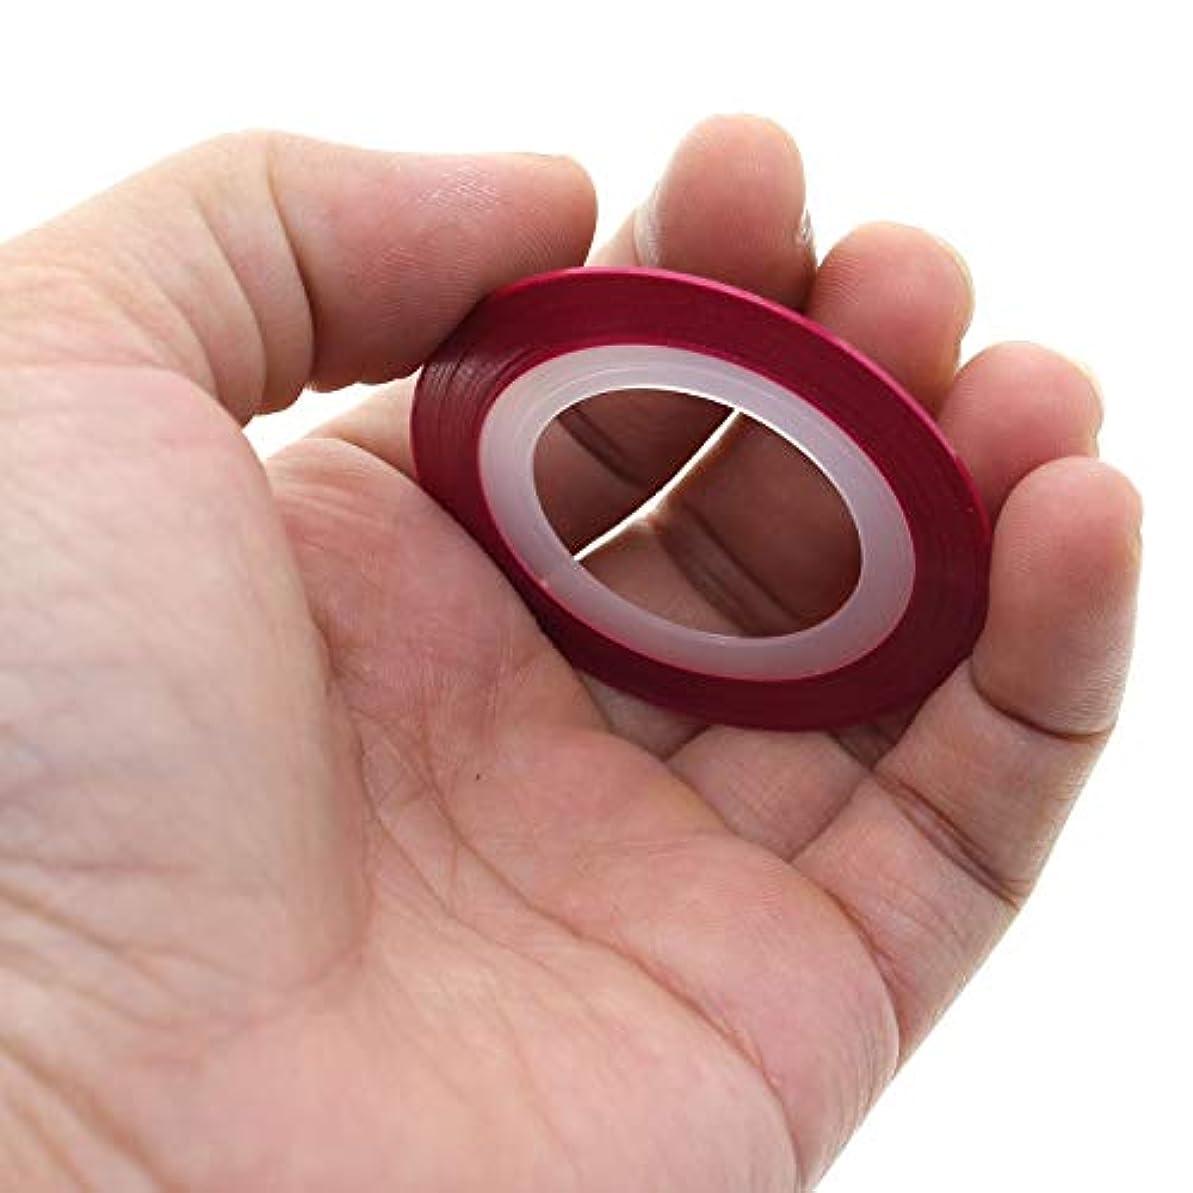 ネイルアート ストリップ テープ ラインファッションのヒント ステッカー マニキュア デカール プロフェッショ ナルユースレッド 強化効果のハイライト レッド